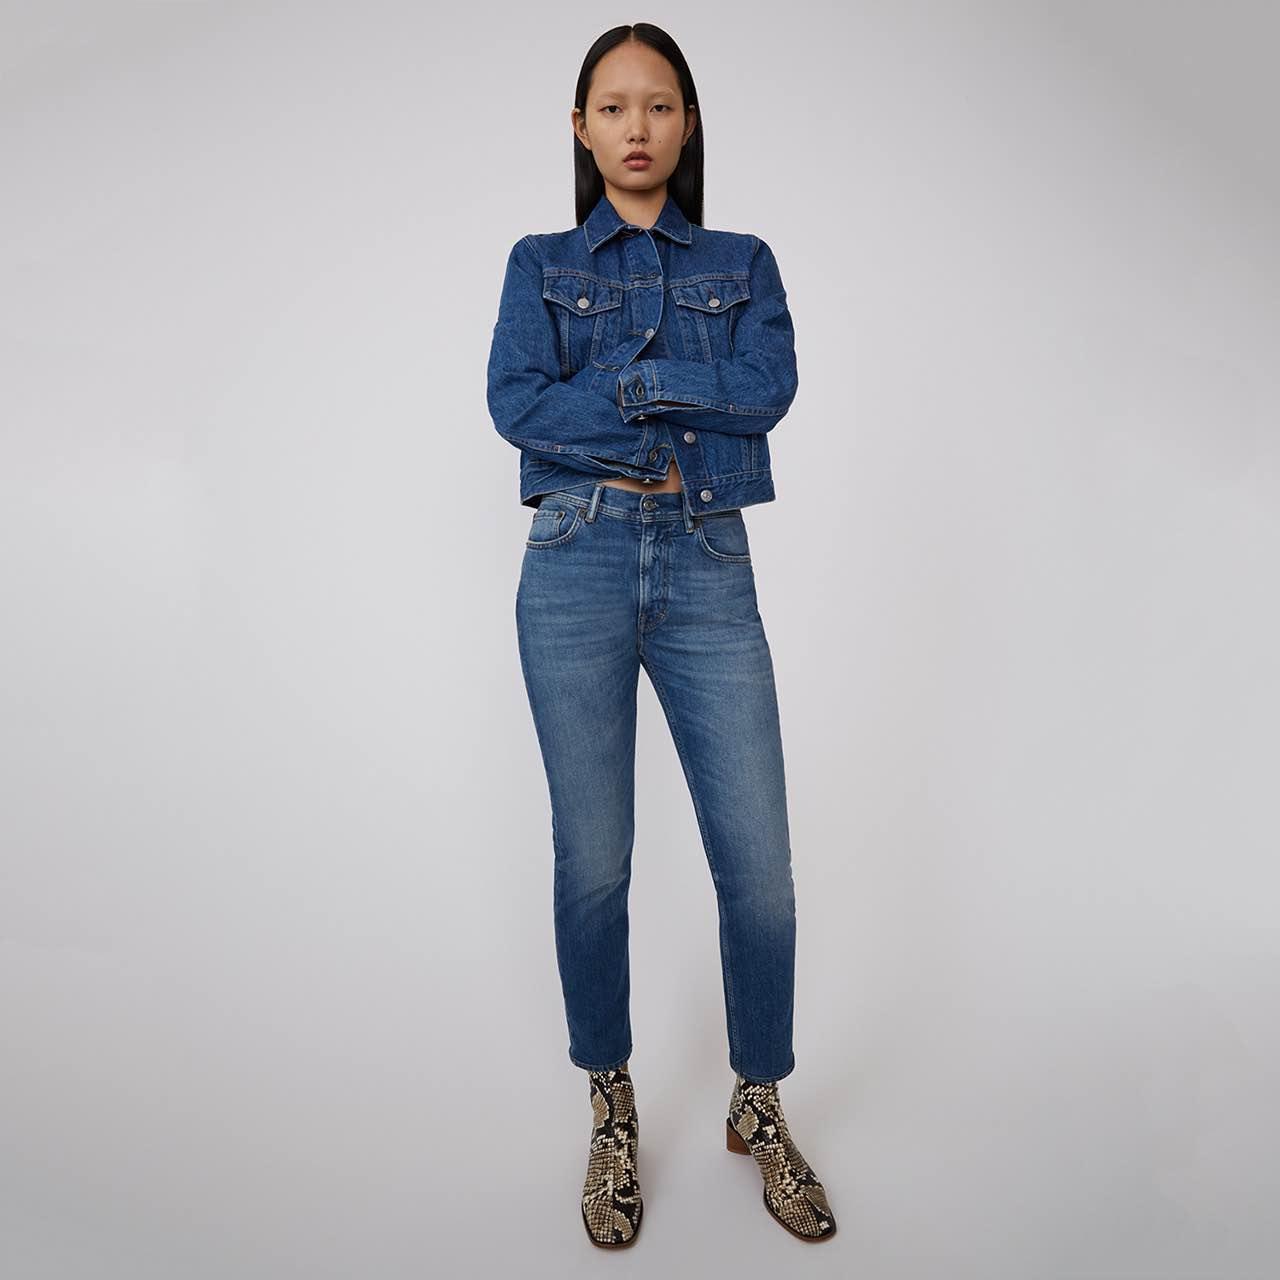 Duurzame spijkerbroeken merken Acne Studios